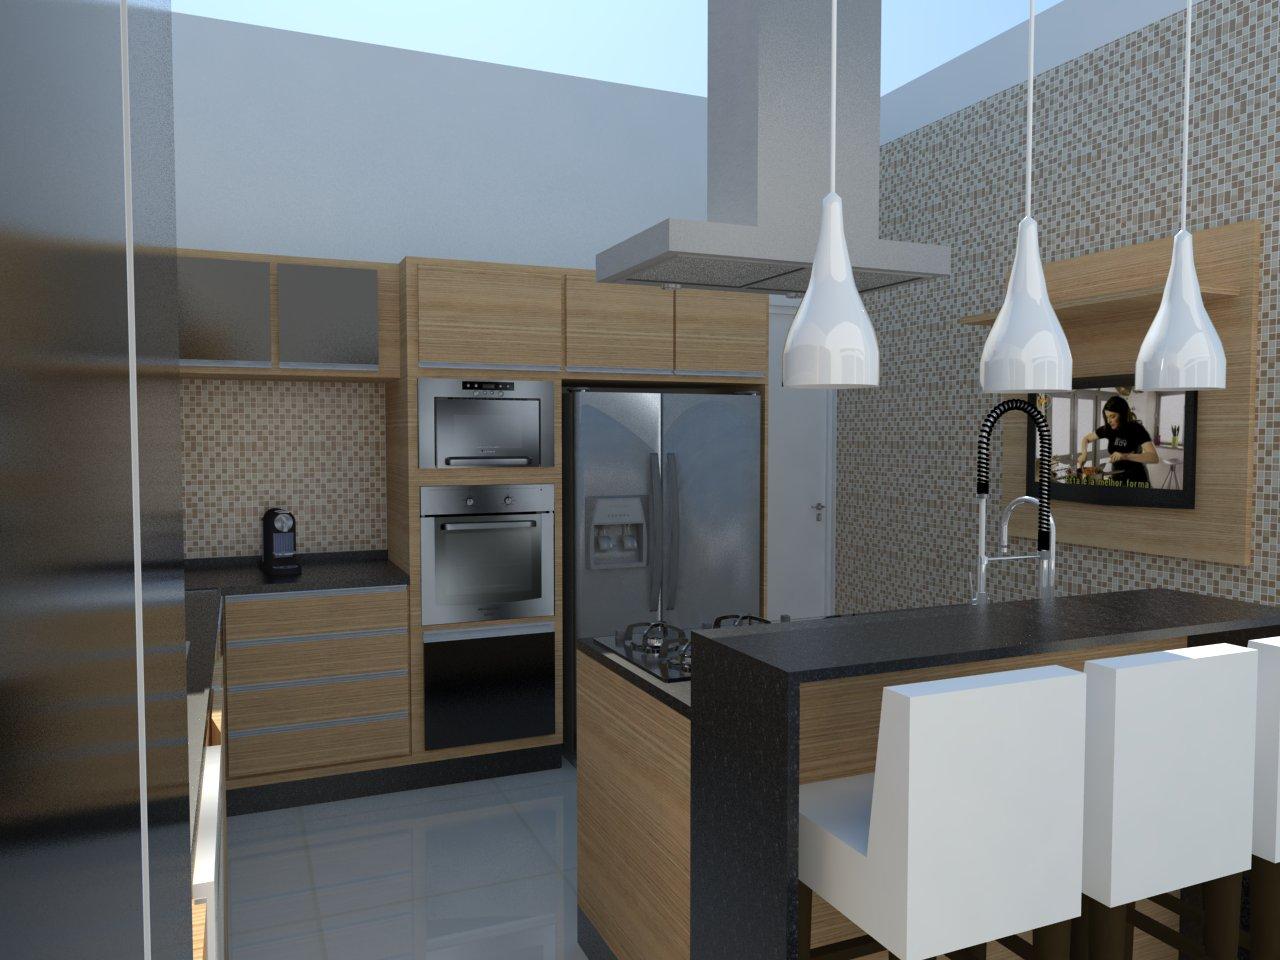 de gesso e fez esse rasgo de luz por toda extensão da cozinha #90703B 1280 960